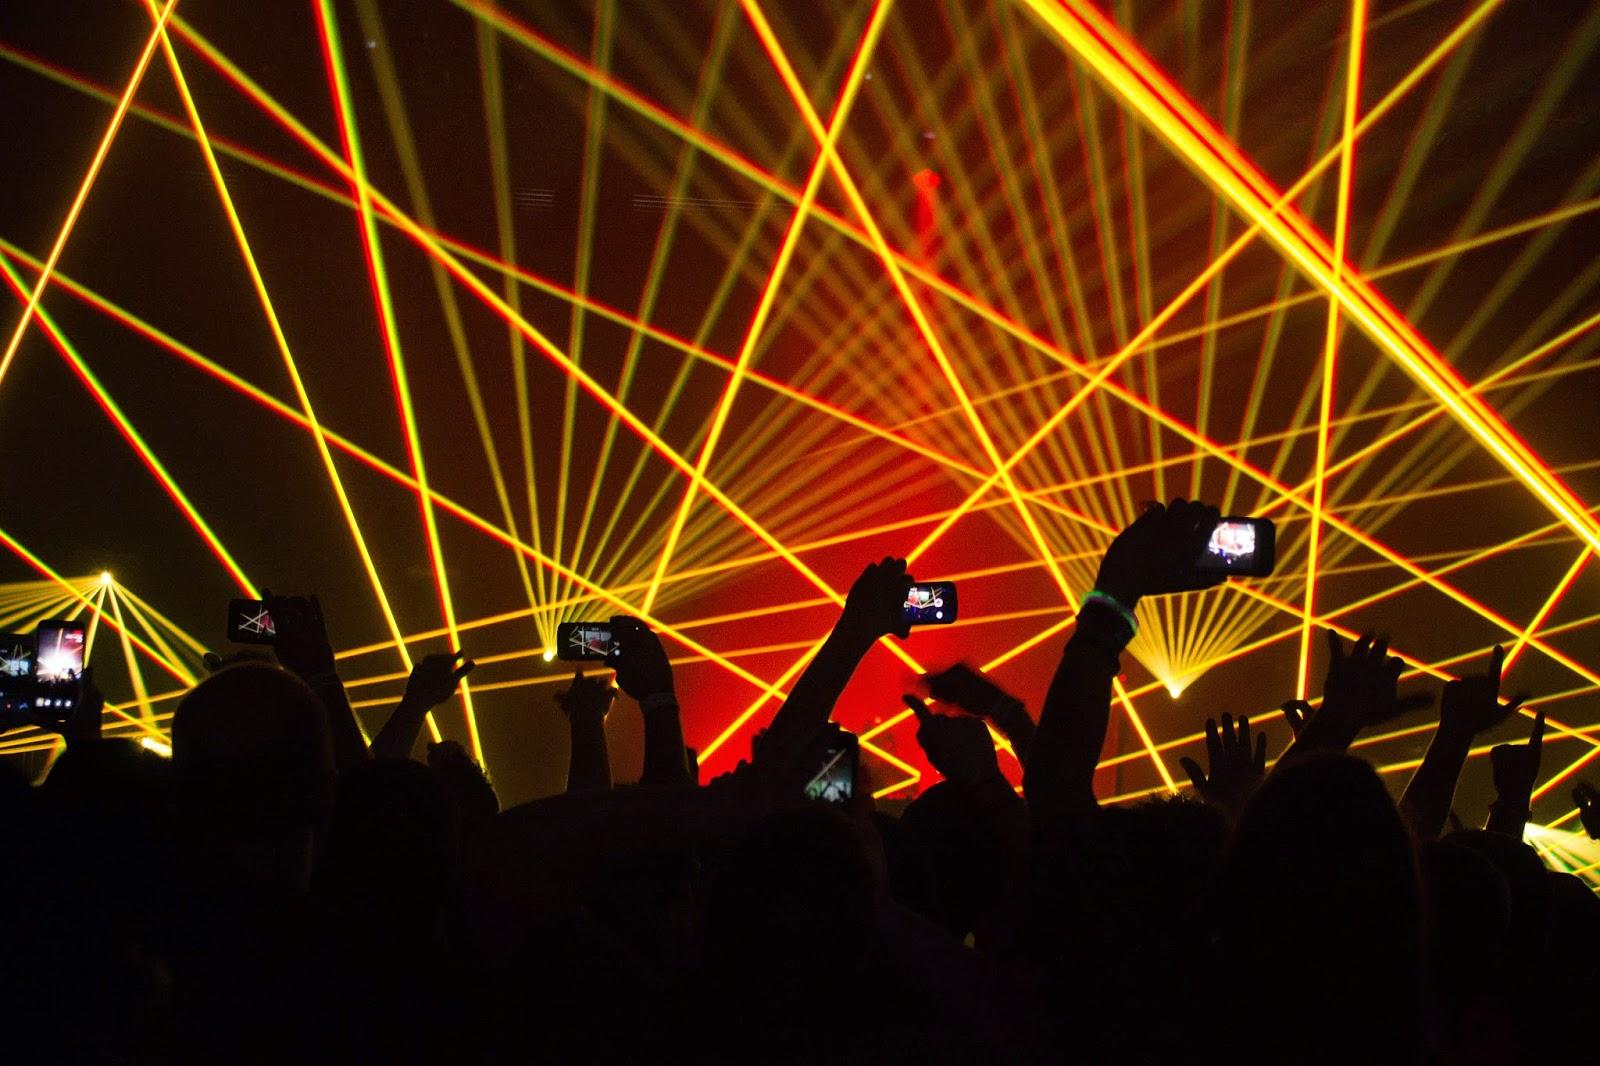 http://www.mrberryphoto.com/#!event/cyaq